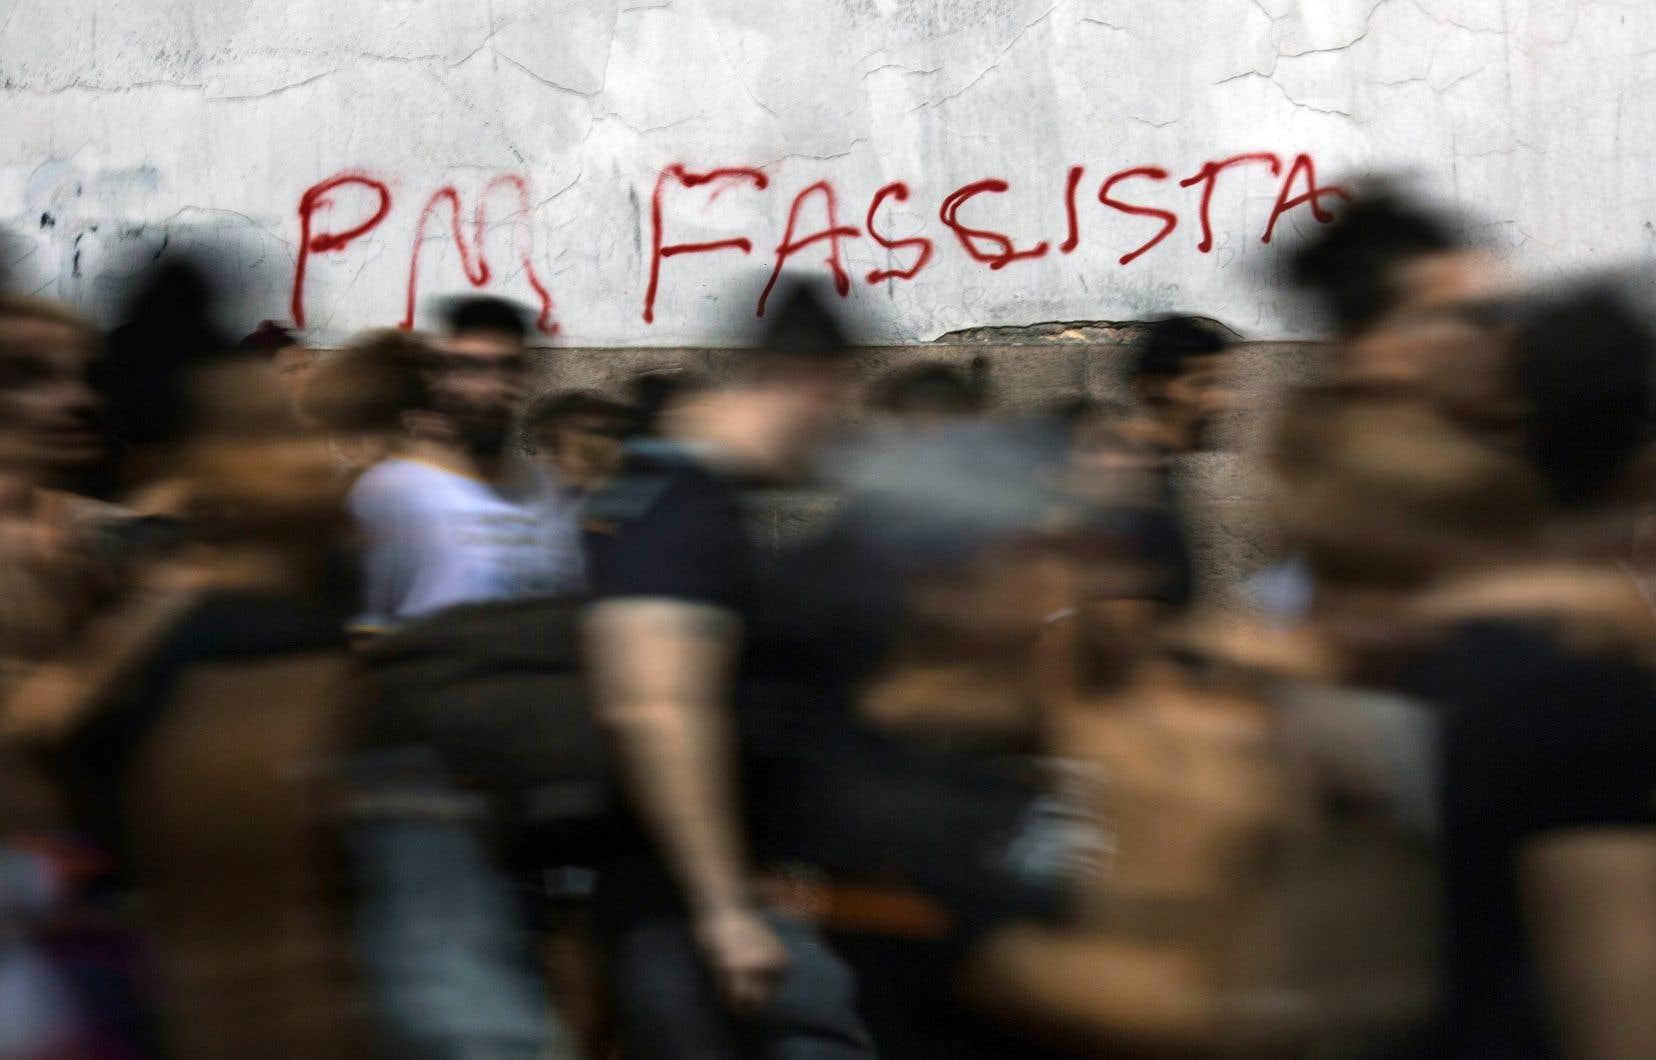 Vendredi, dans le centre de Rio, les murs blancs du siège du conseil municipal étaient tagués avec de nombreux slogans hostiles à la police et au gouvernement du président conservateur Michel Temer.